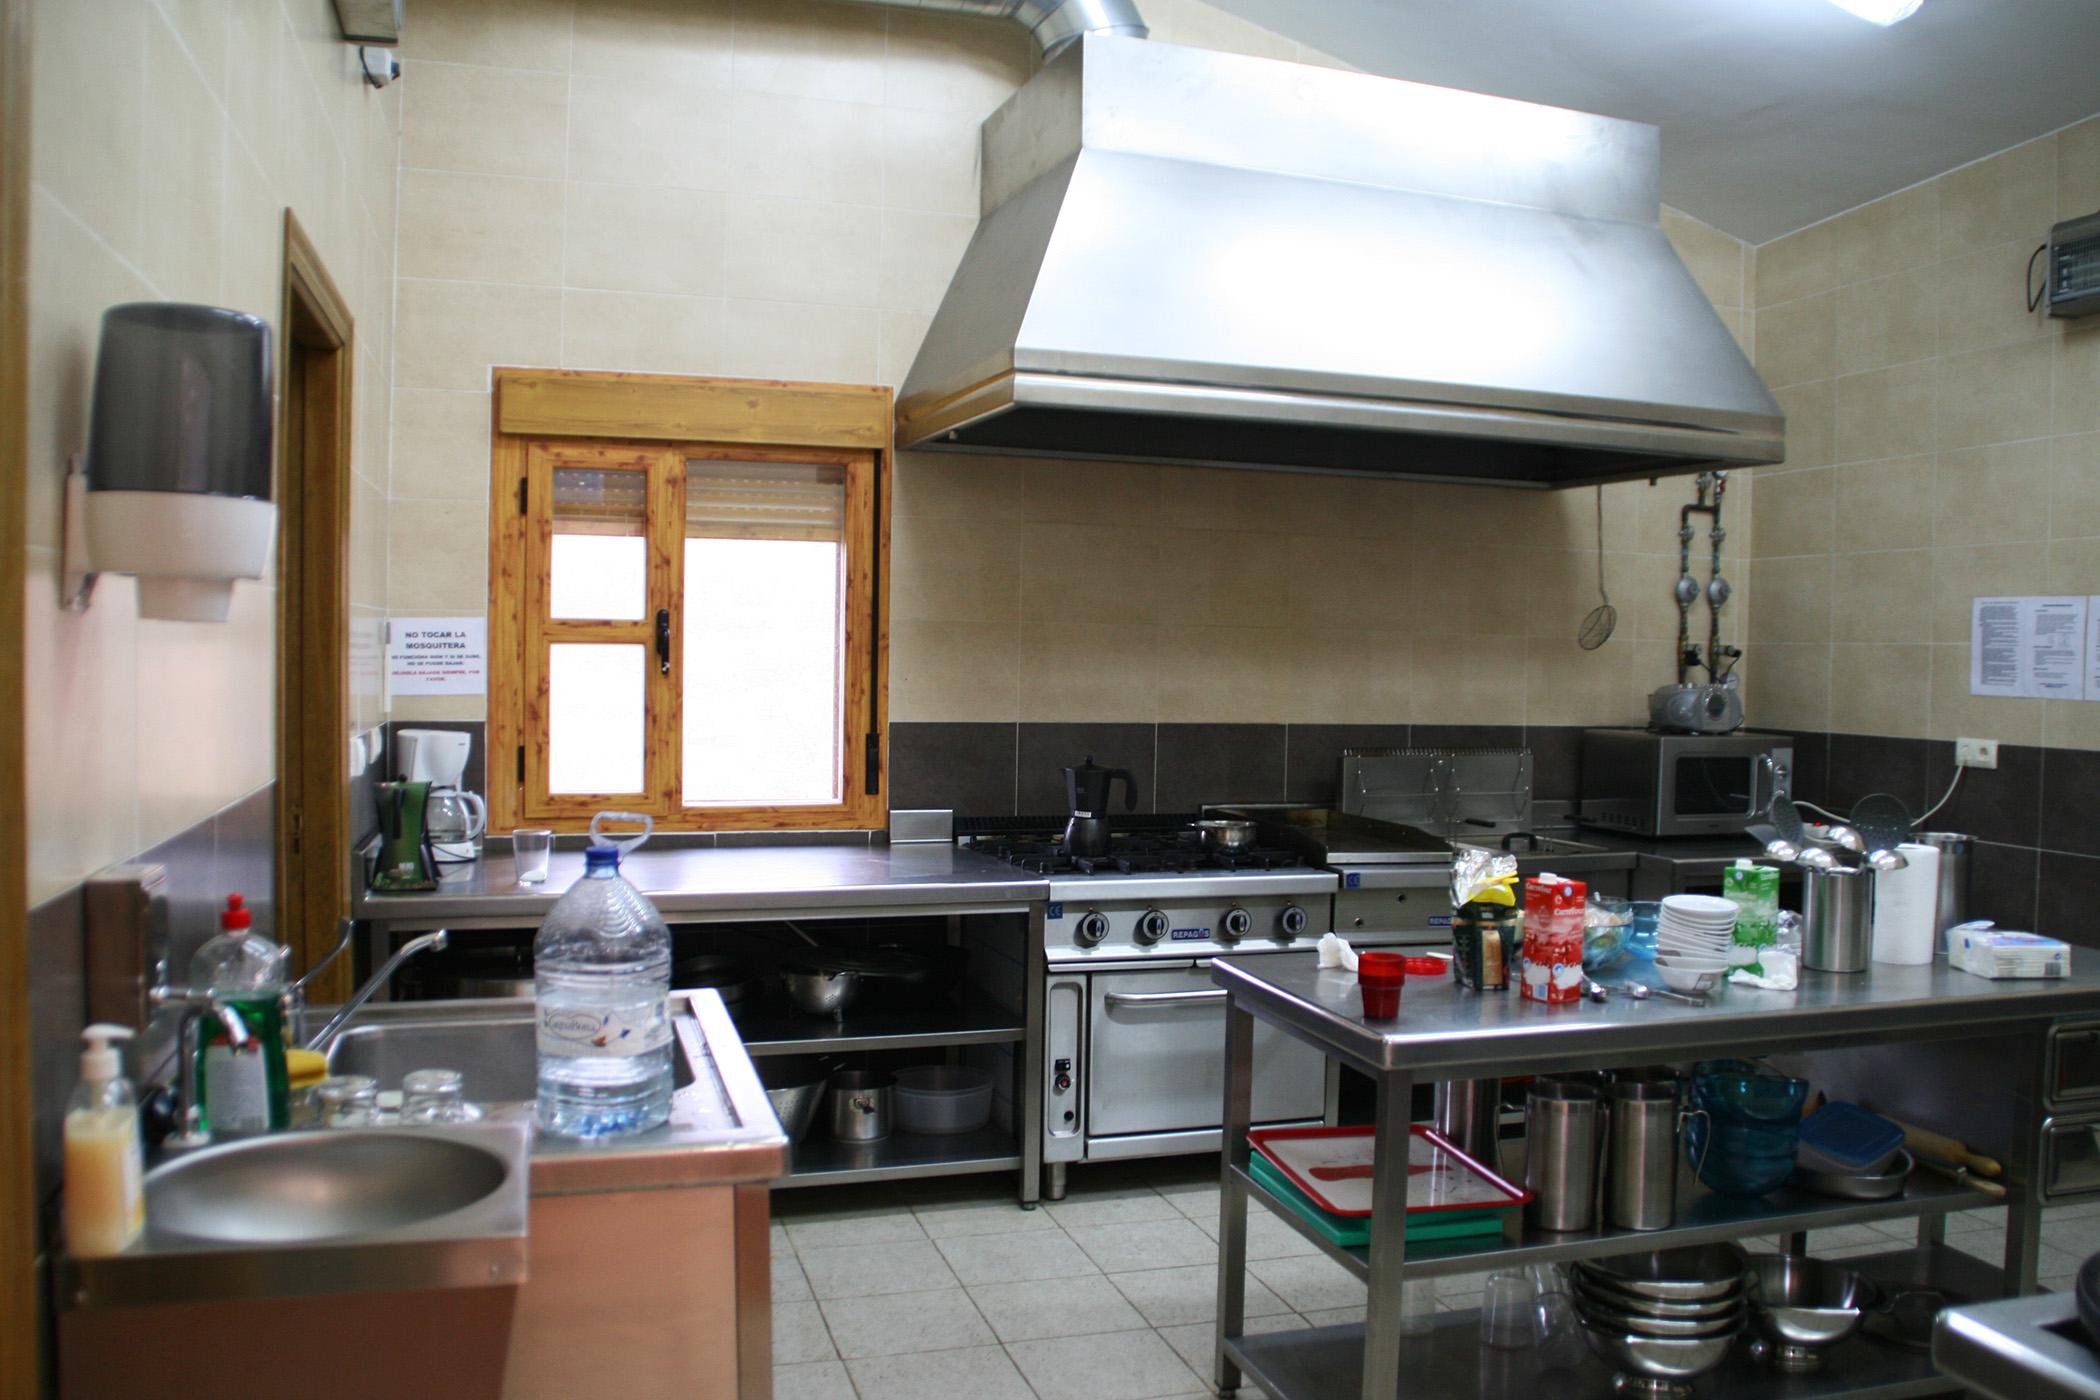 instalaciones albergue navacepeda On cocina industrial equipada